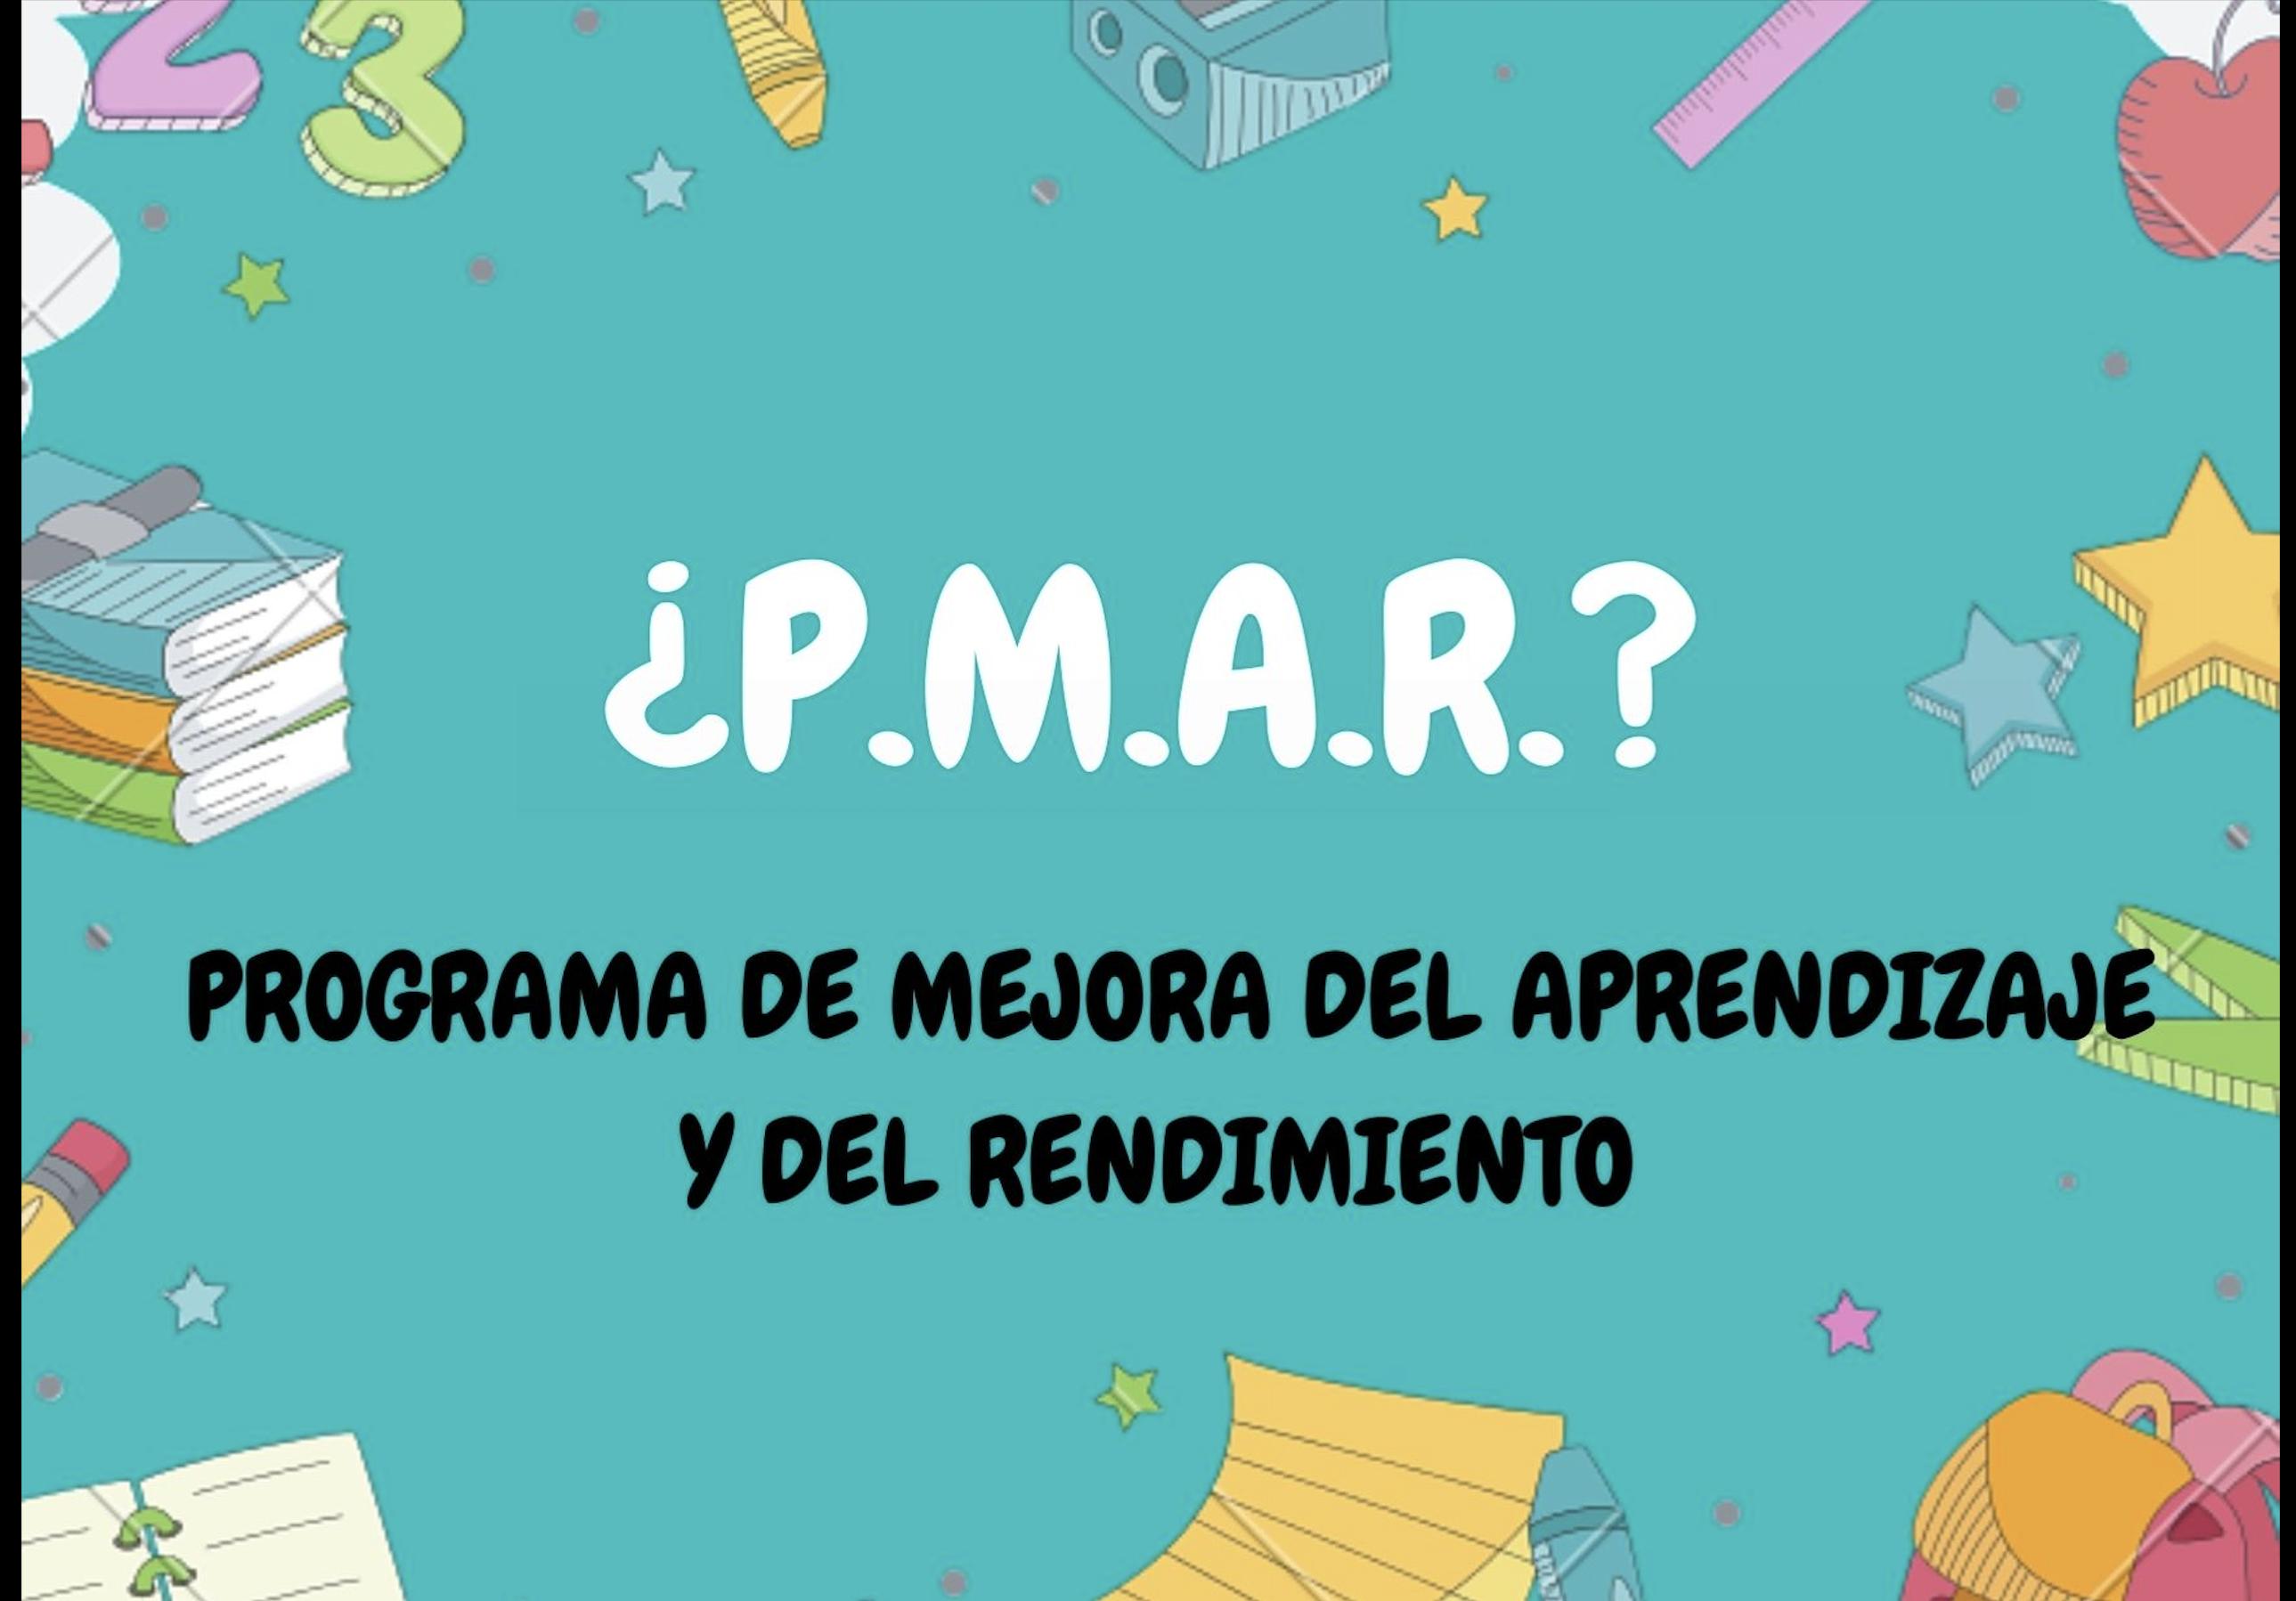 ¿Qué es eso de PMAR?